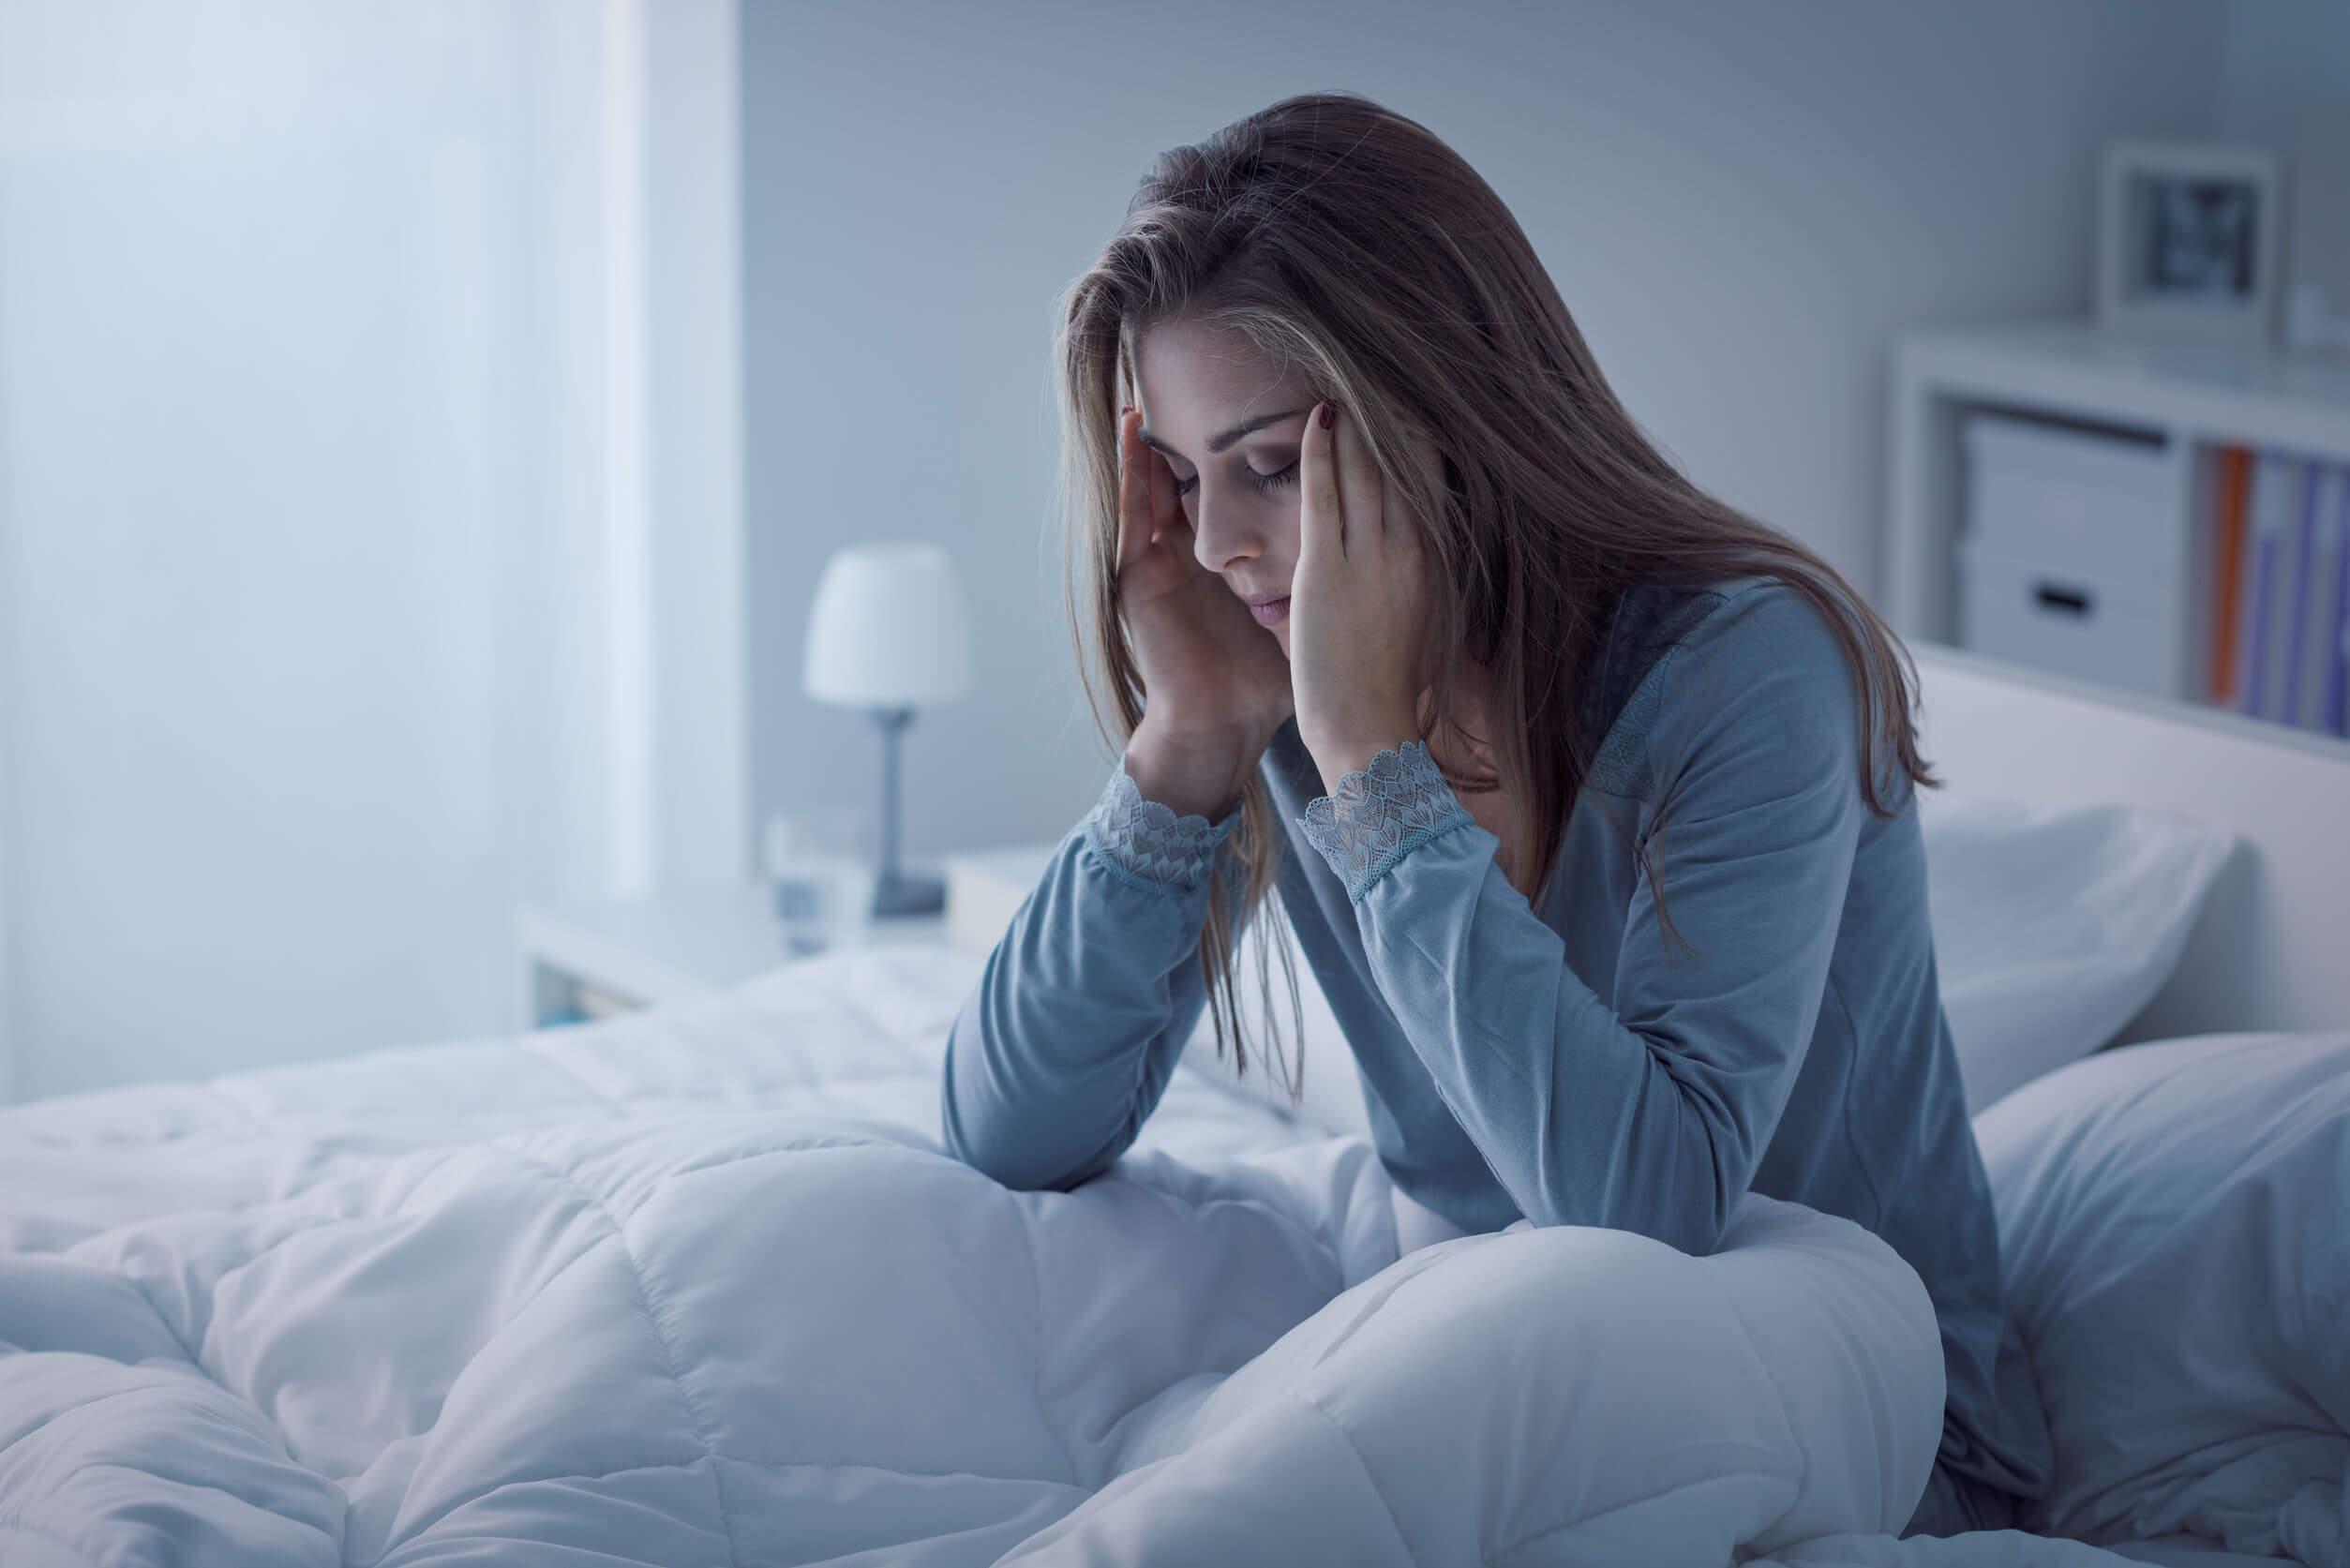 ¿Padeces de ansiedad? 4 maneras de hacerle frente